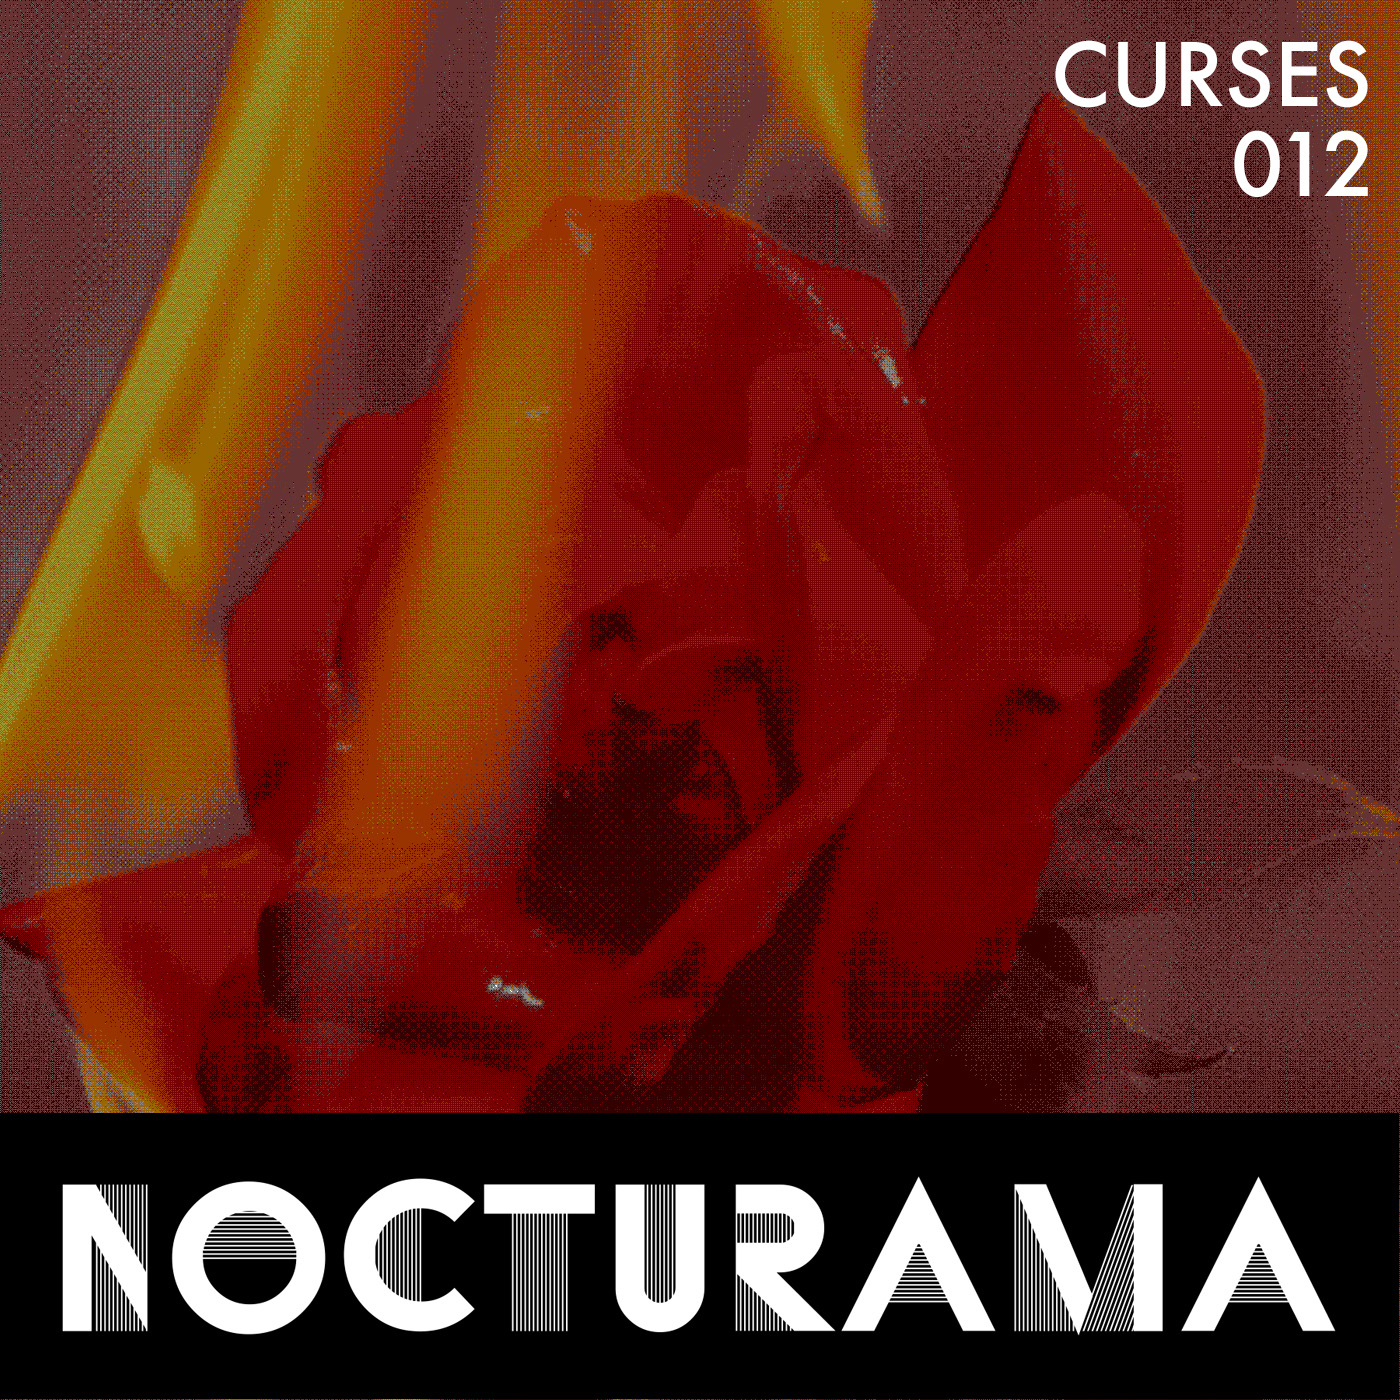 http://geist-agency.com/news-description/Nocturama012-Curses